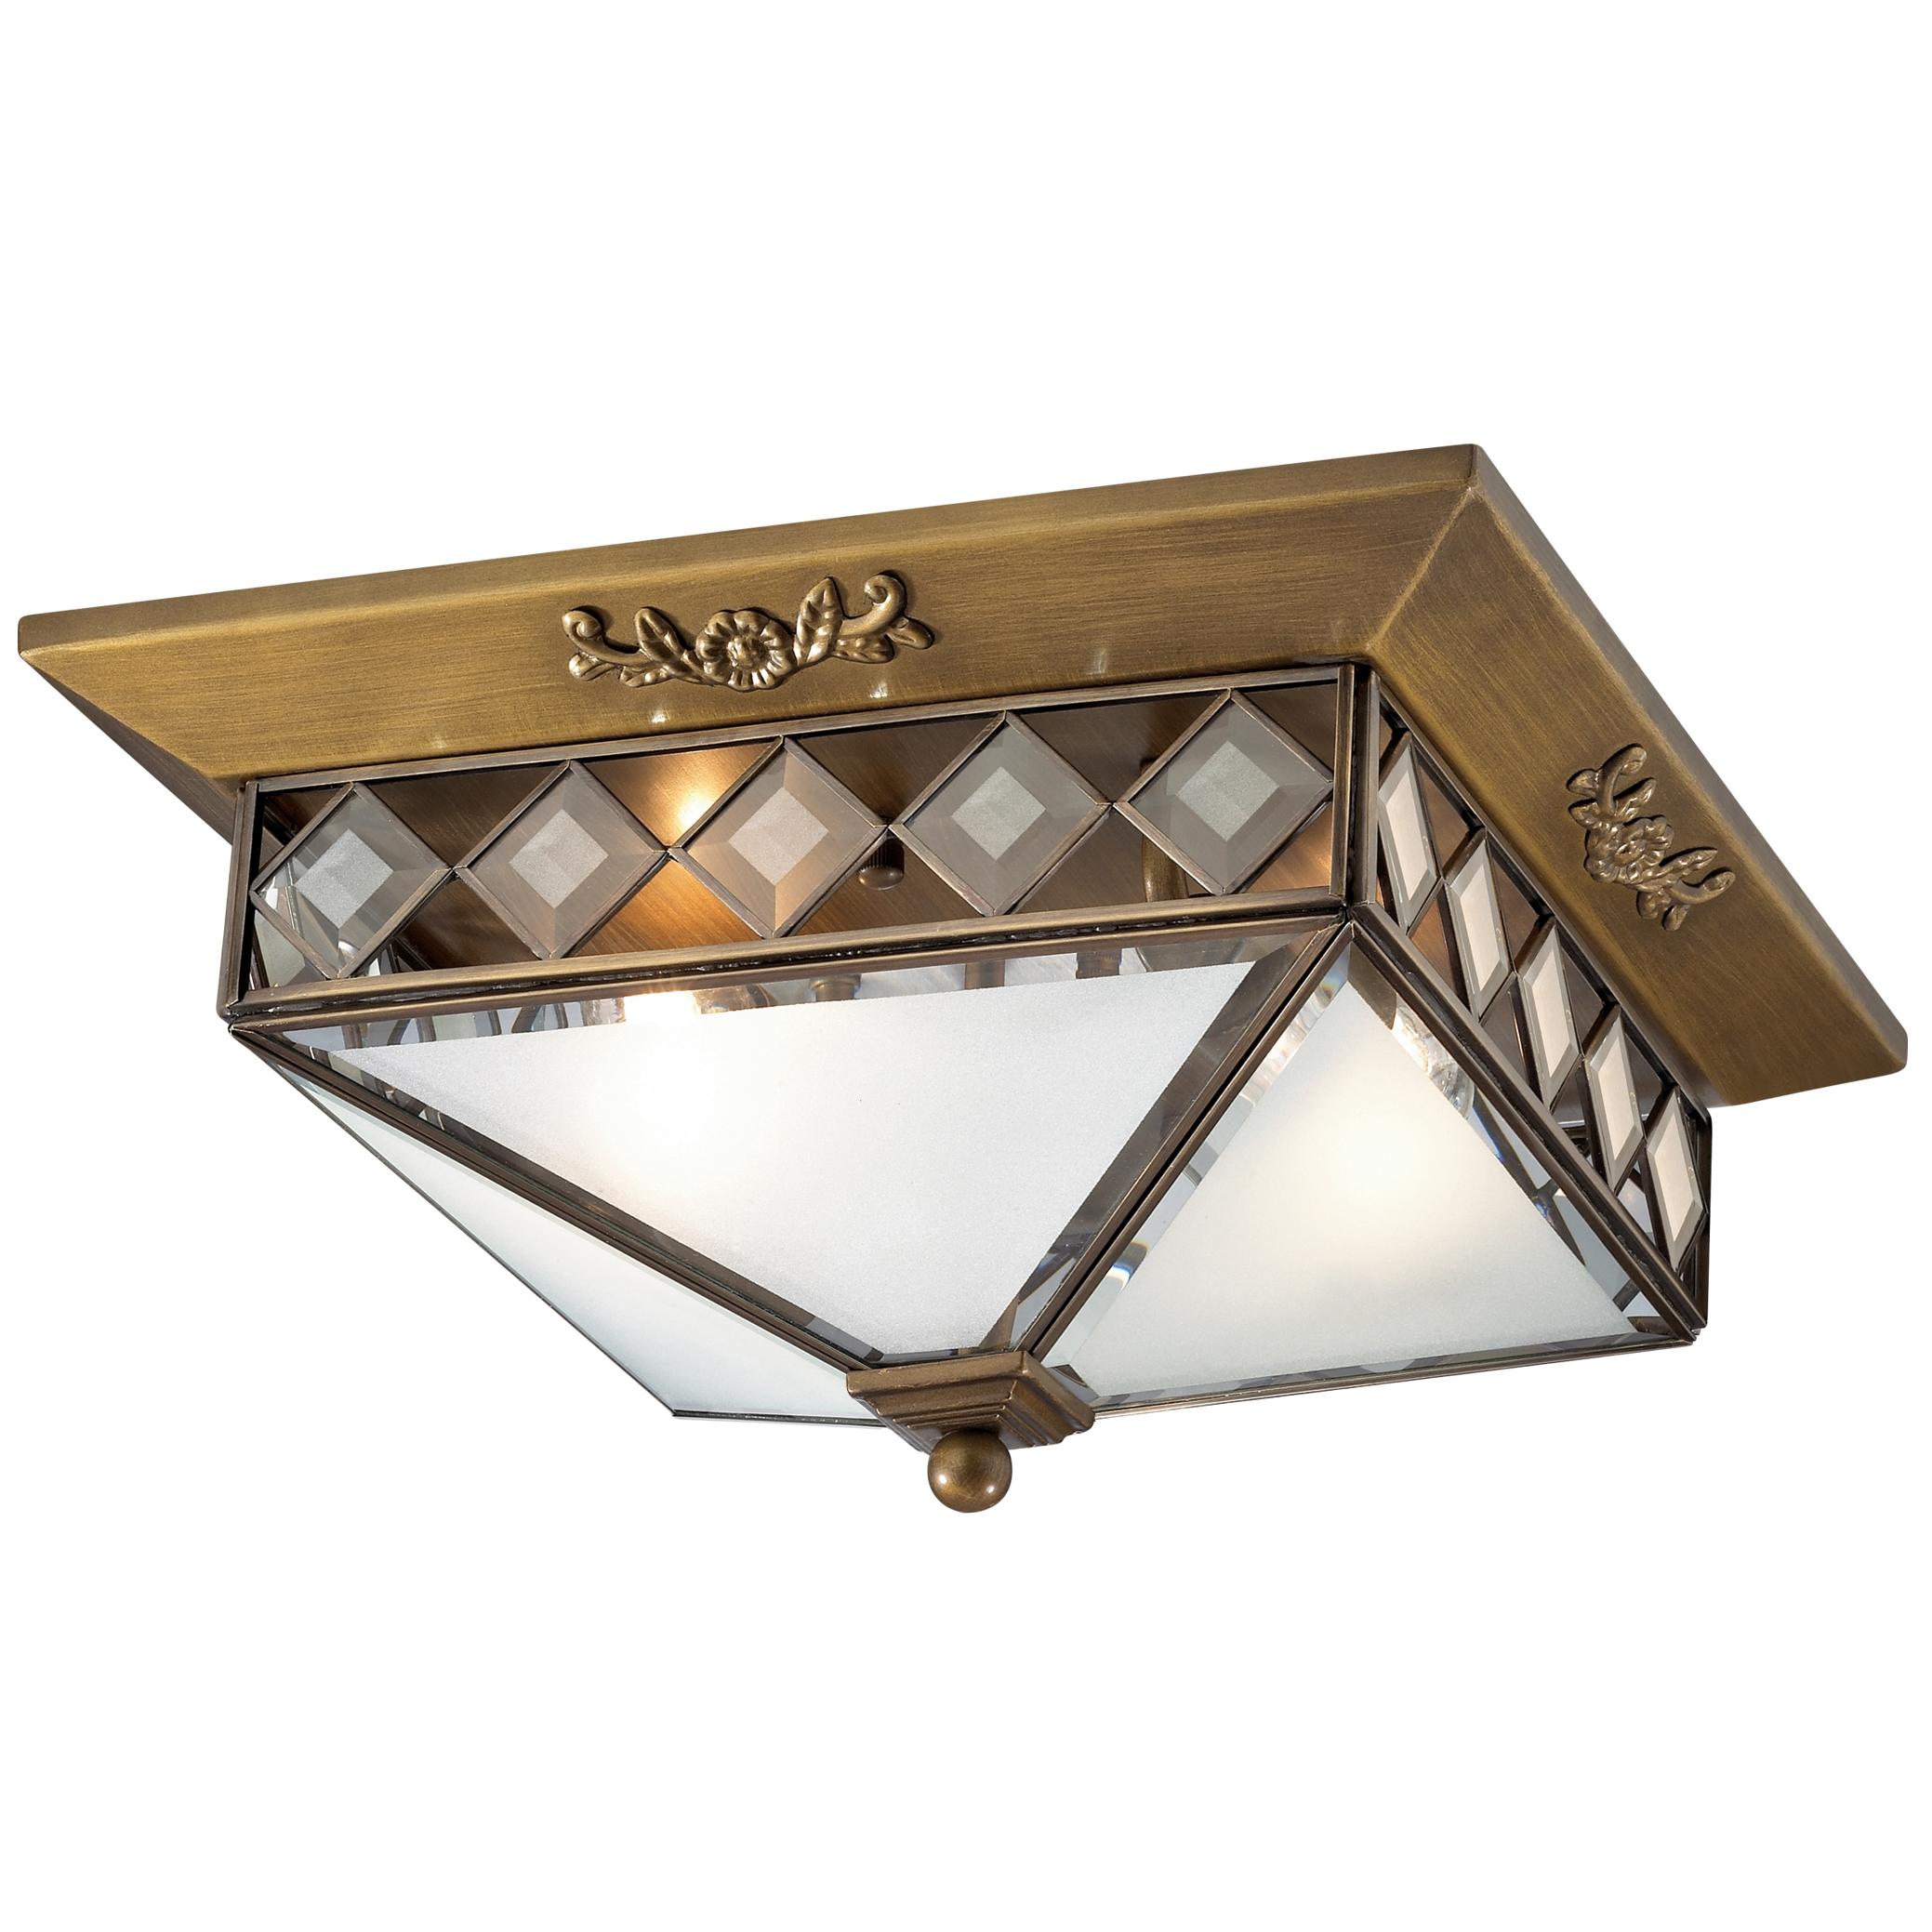 Светильник настенно-потолочный Odeon light 2544/2 стул петроторг 2544 черный